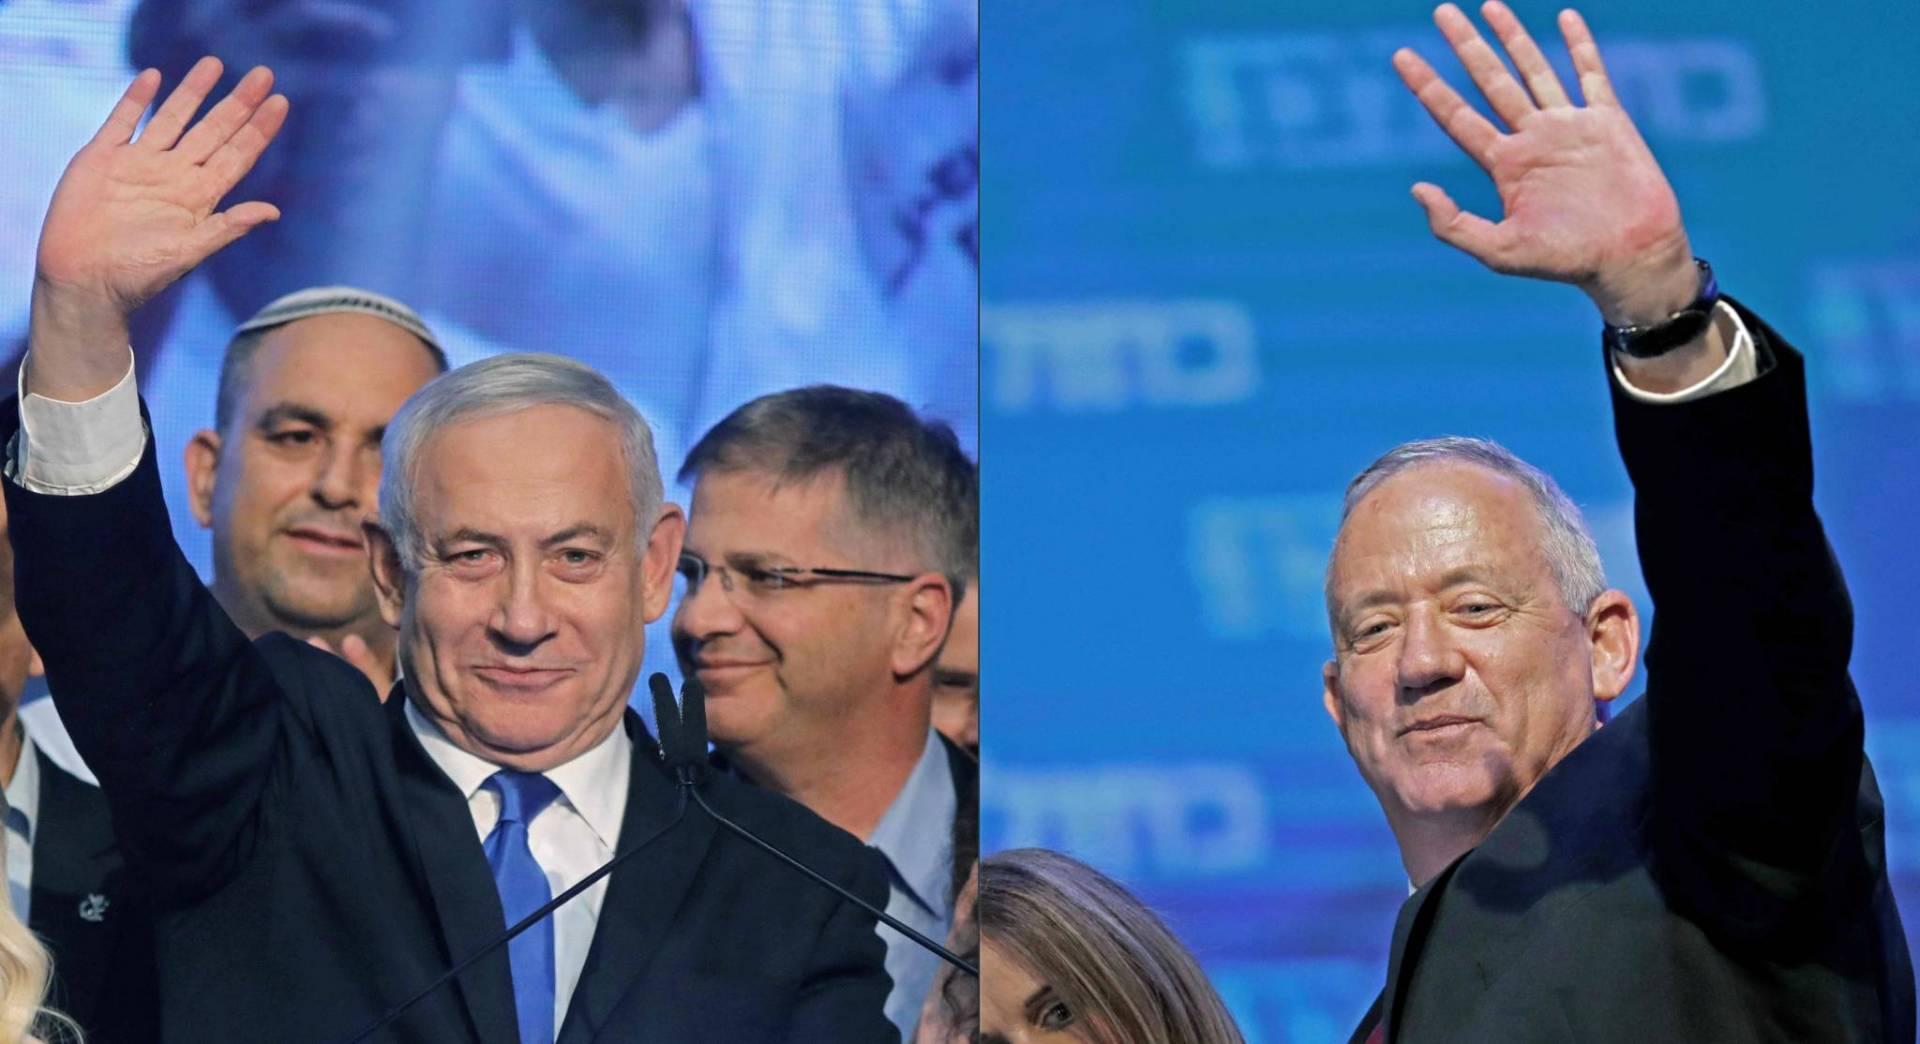 غانتس يرد على نتنياهو: سأشكّل حكومة وحدة وطنية  برئاستي